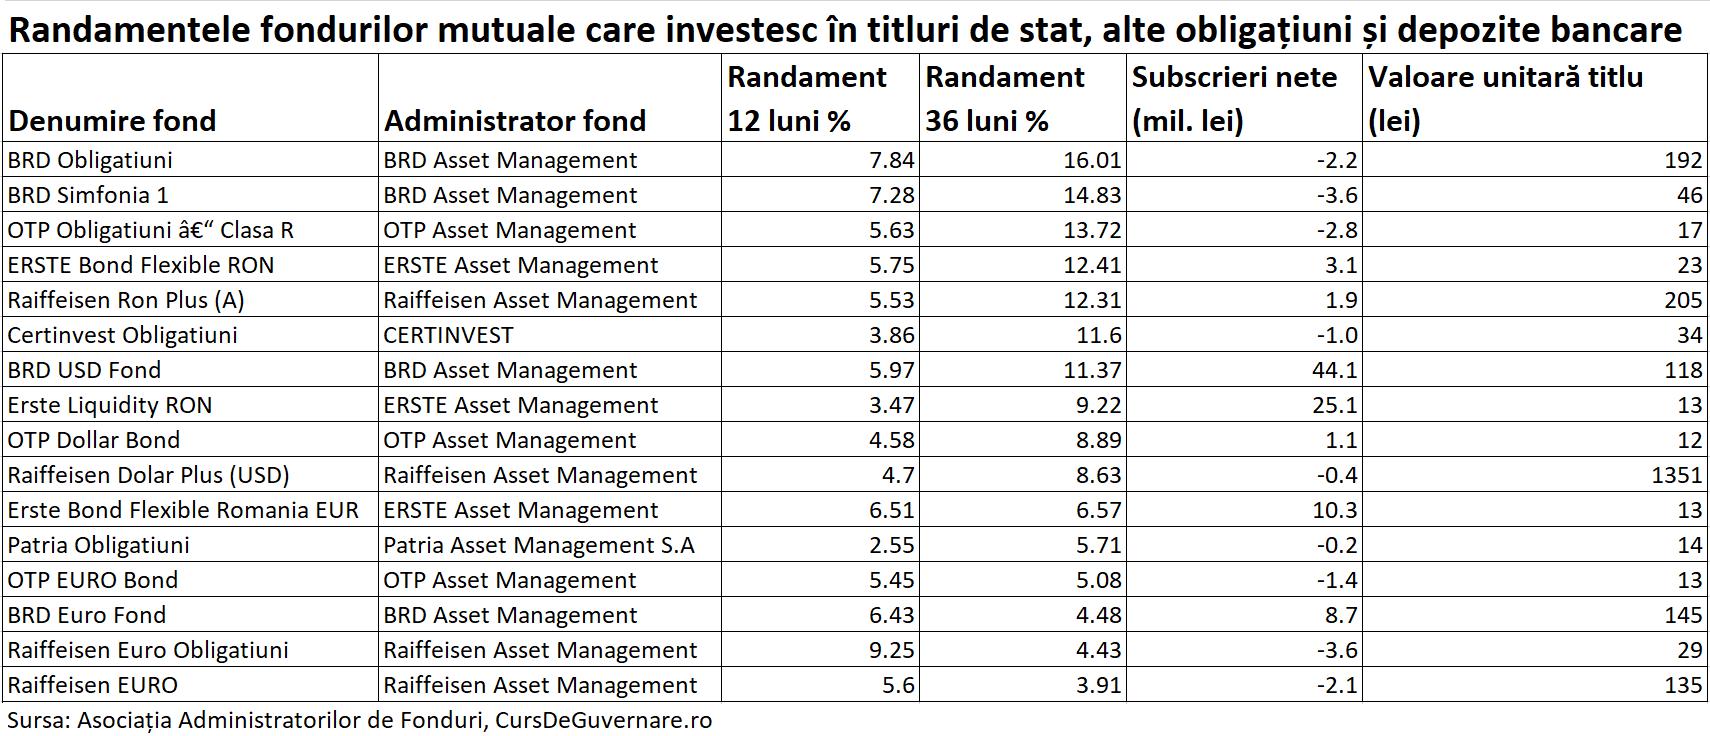 fonduri mutuale obligatiuni randamente